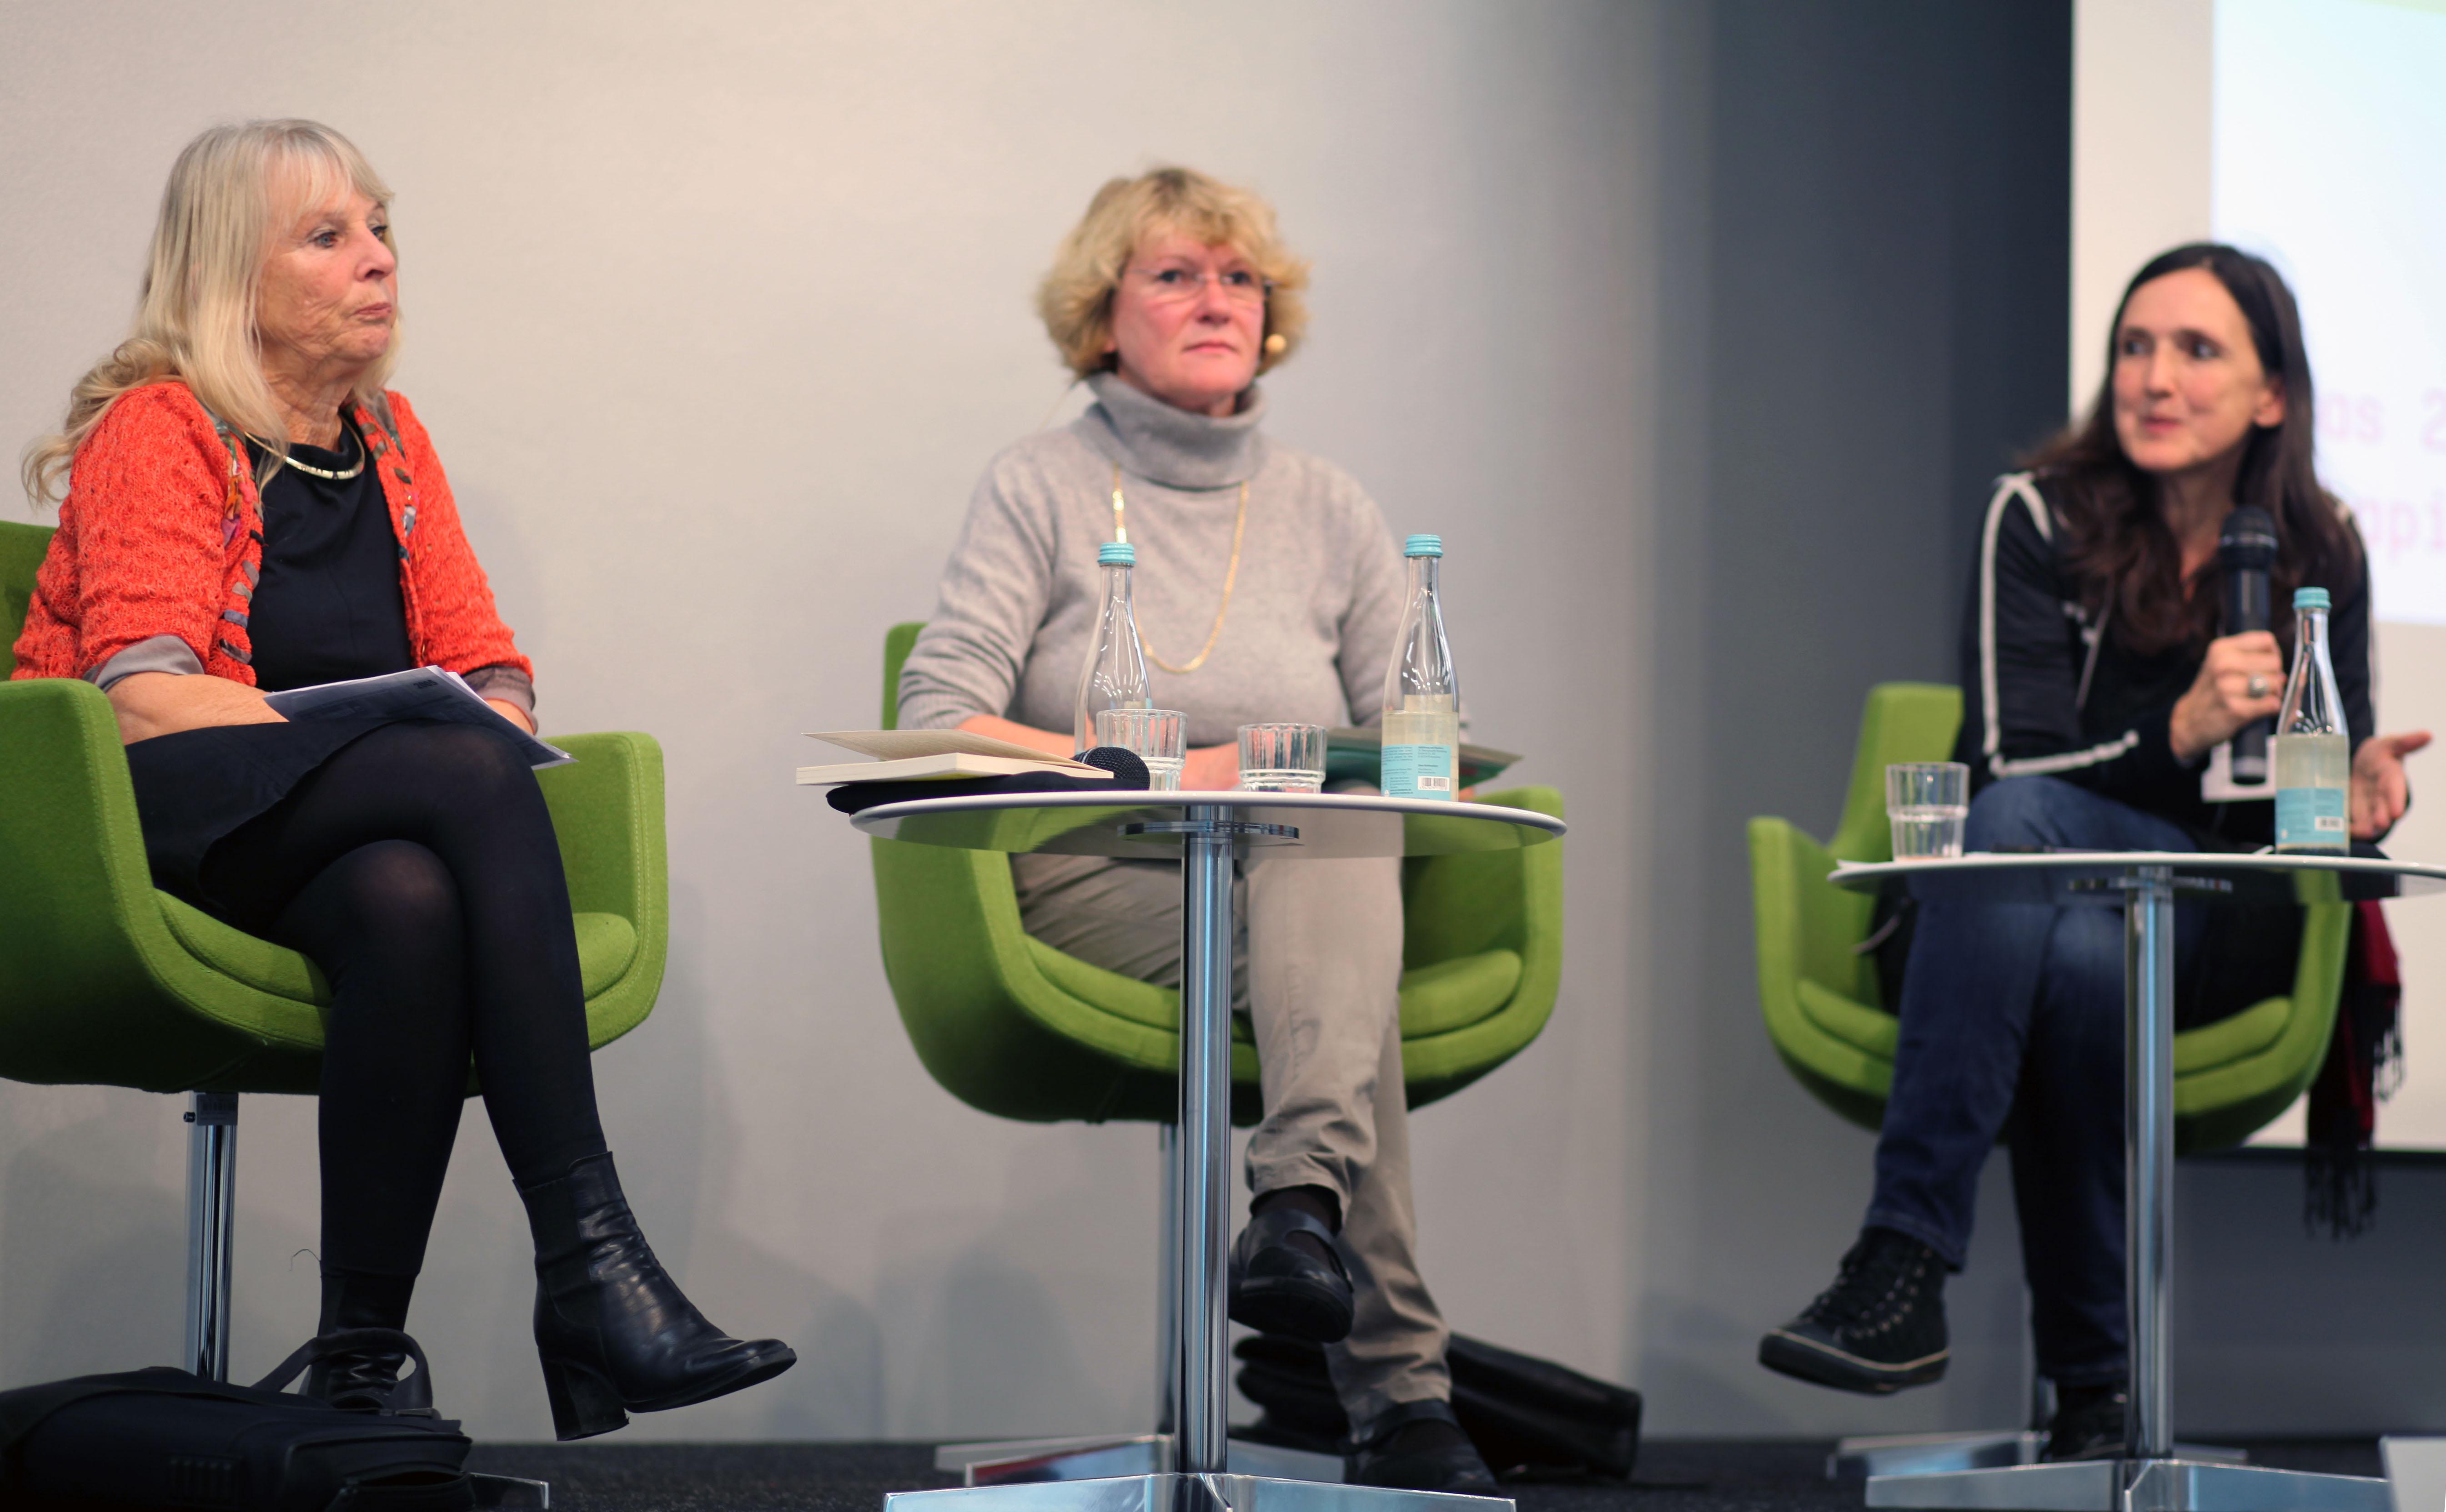 leihmutterschaft deutschland legal